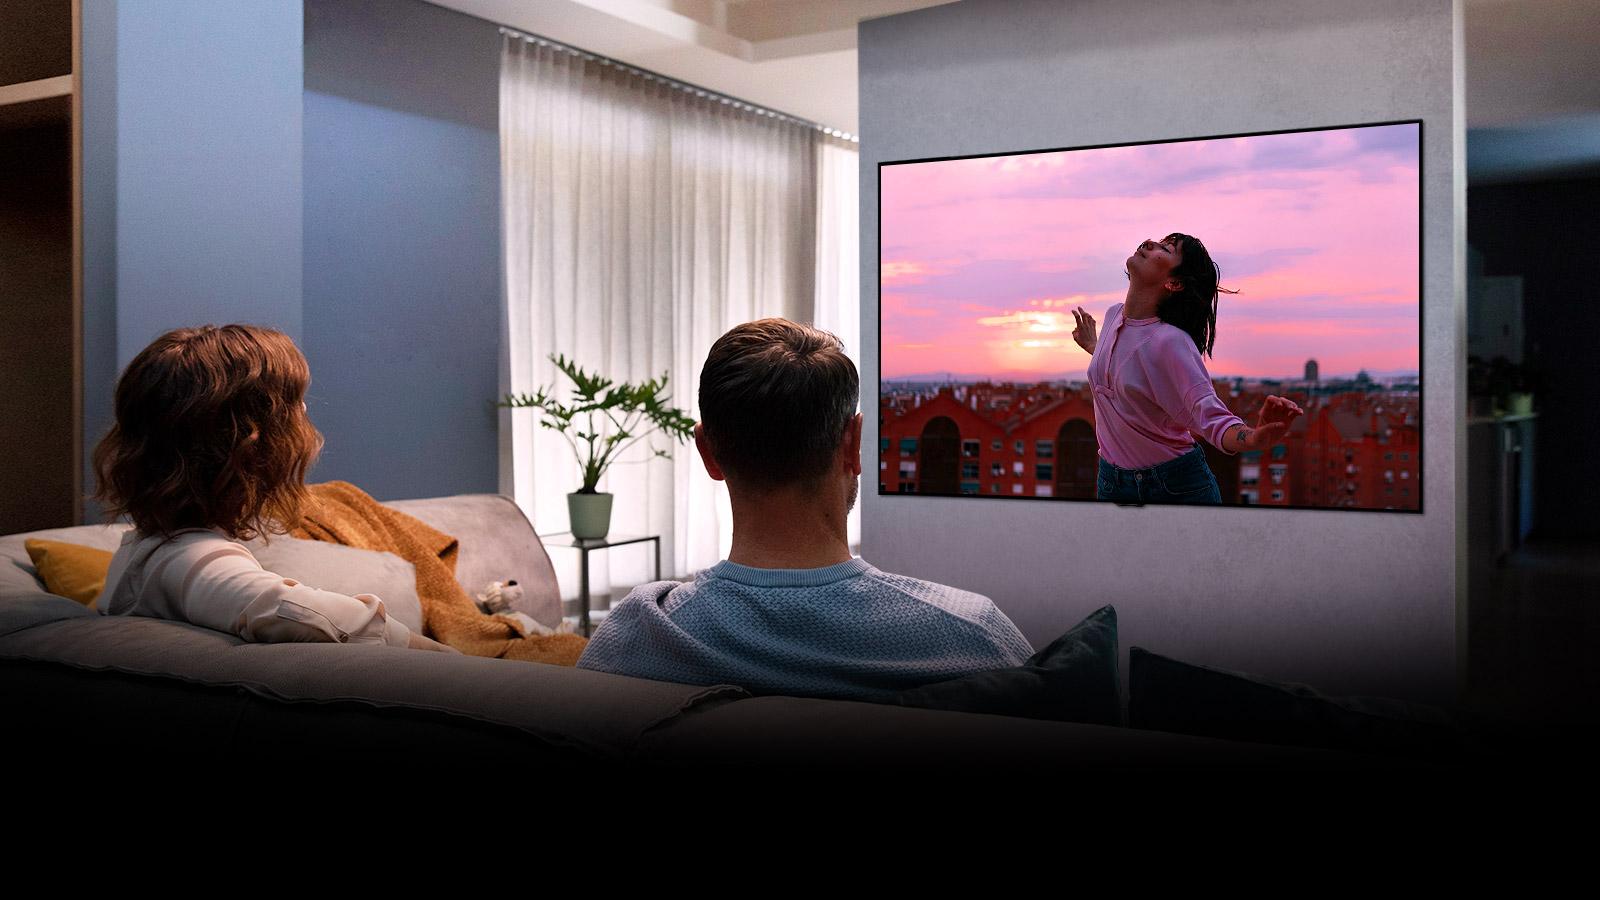 Пара сидить на дивані у вітальні, дивлячись романтичний фільм по телевізору